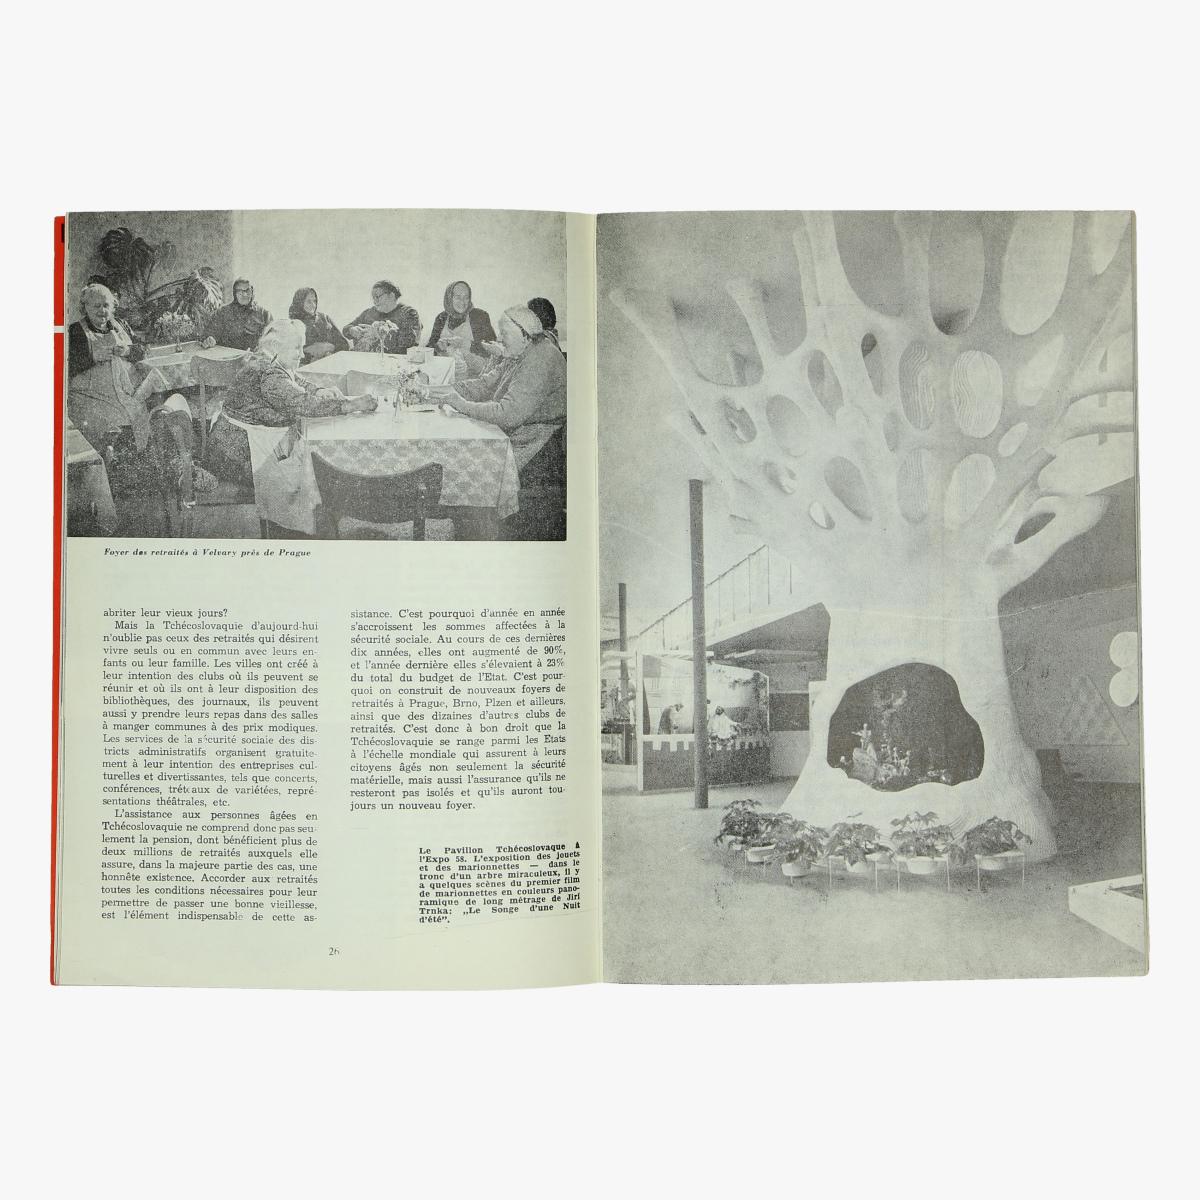 Afbeeldingen van expo 58 les journées nationales tchécoslovaques a l' expo